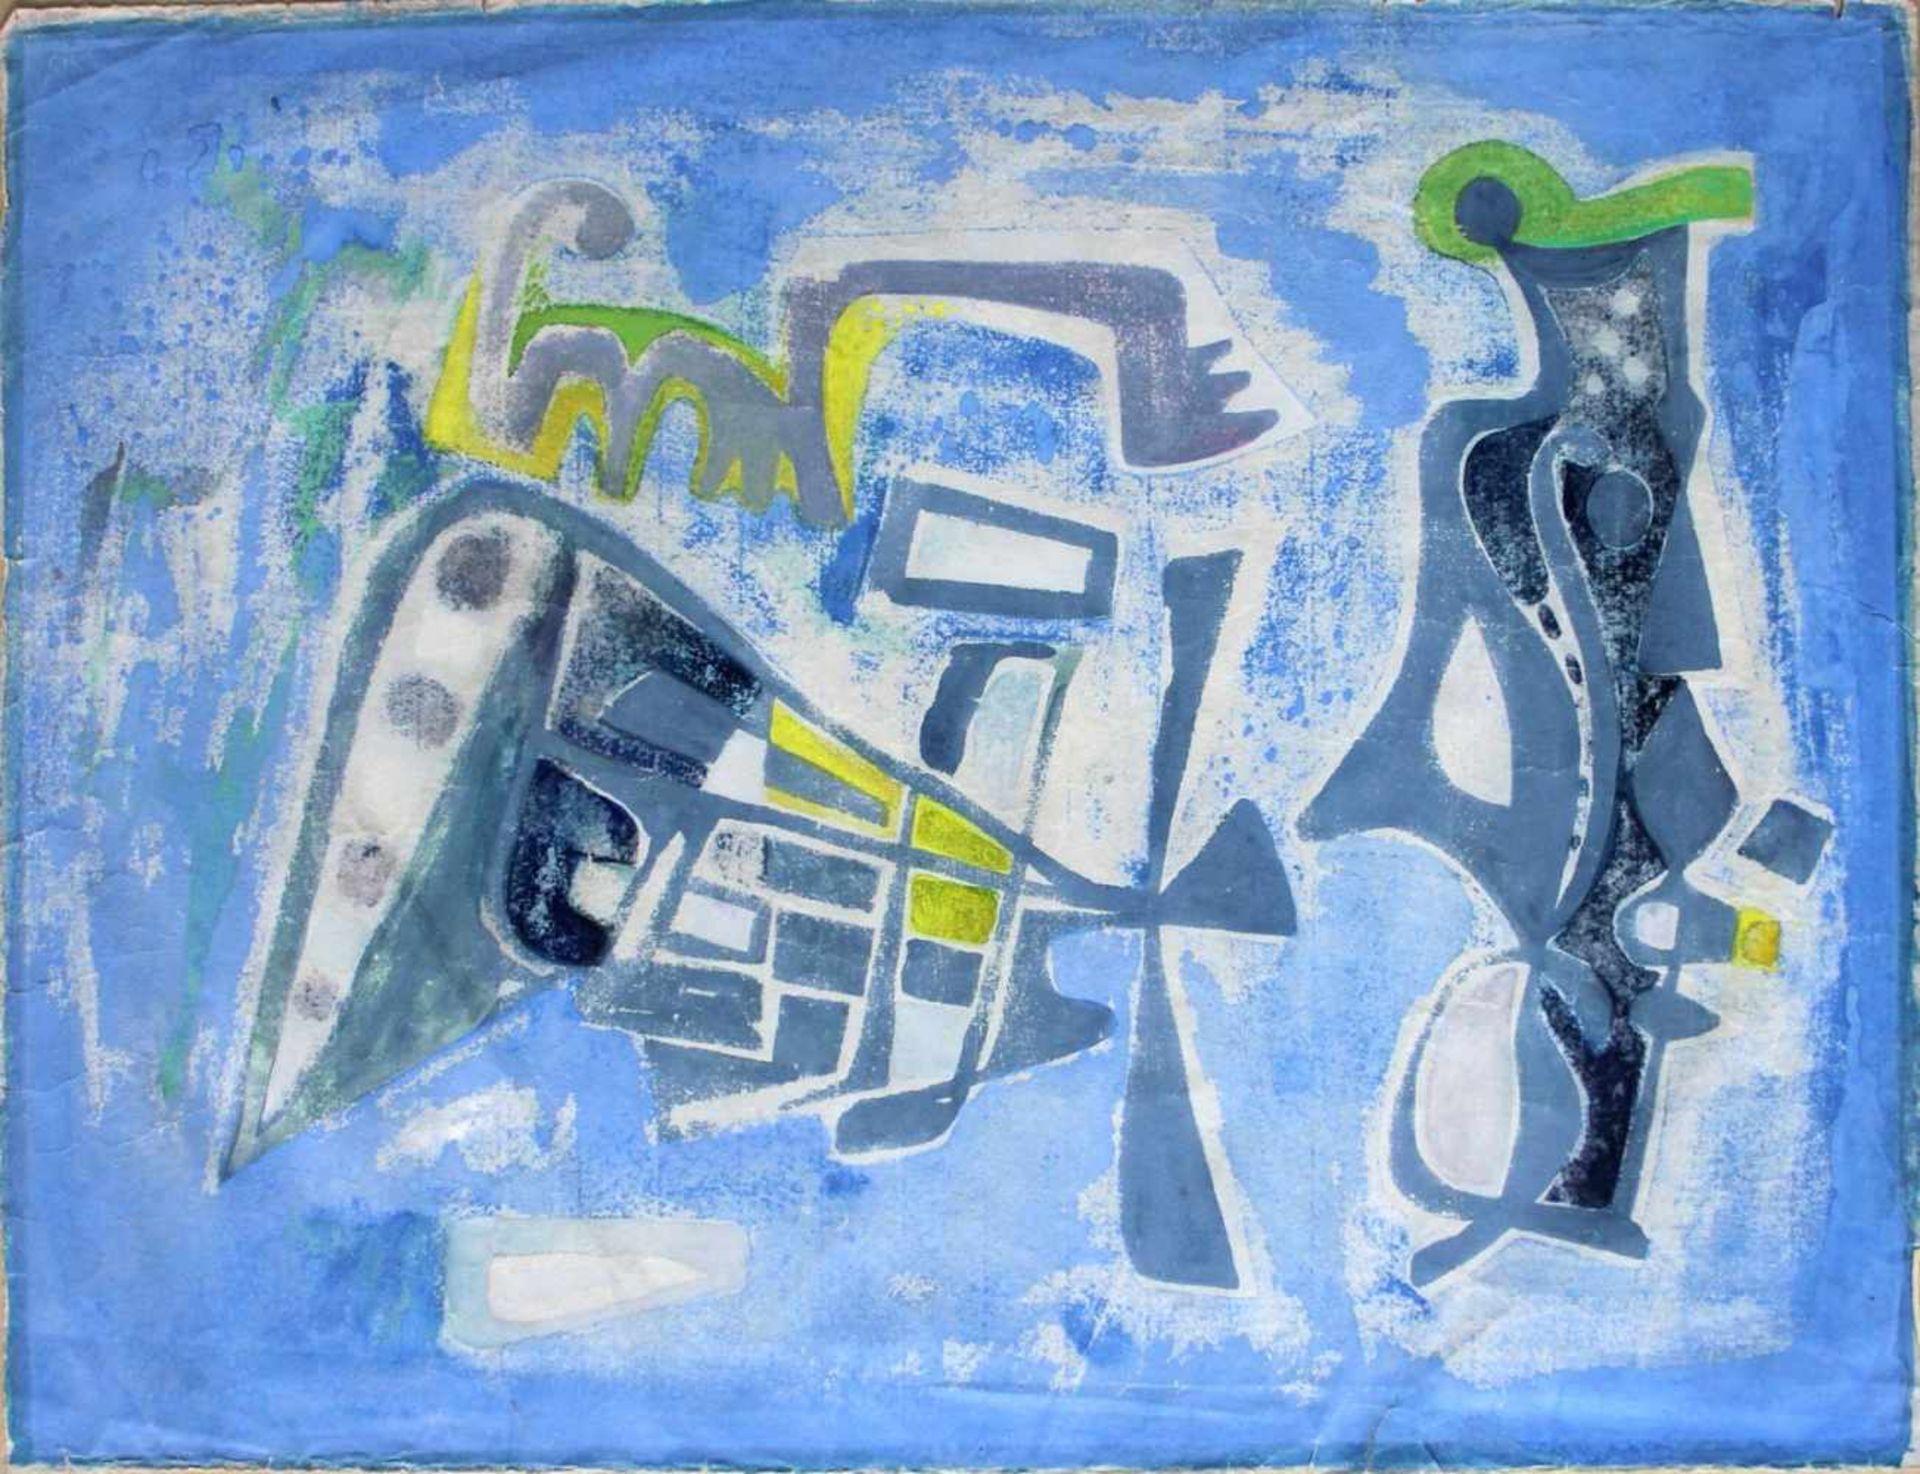 Rudolf Pointner 1907-1991 Ischia 1953 Mischtechnik auf Papier handsigniert, betitelt und datiert